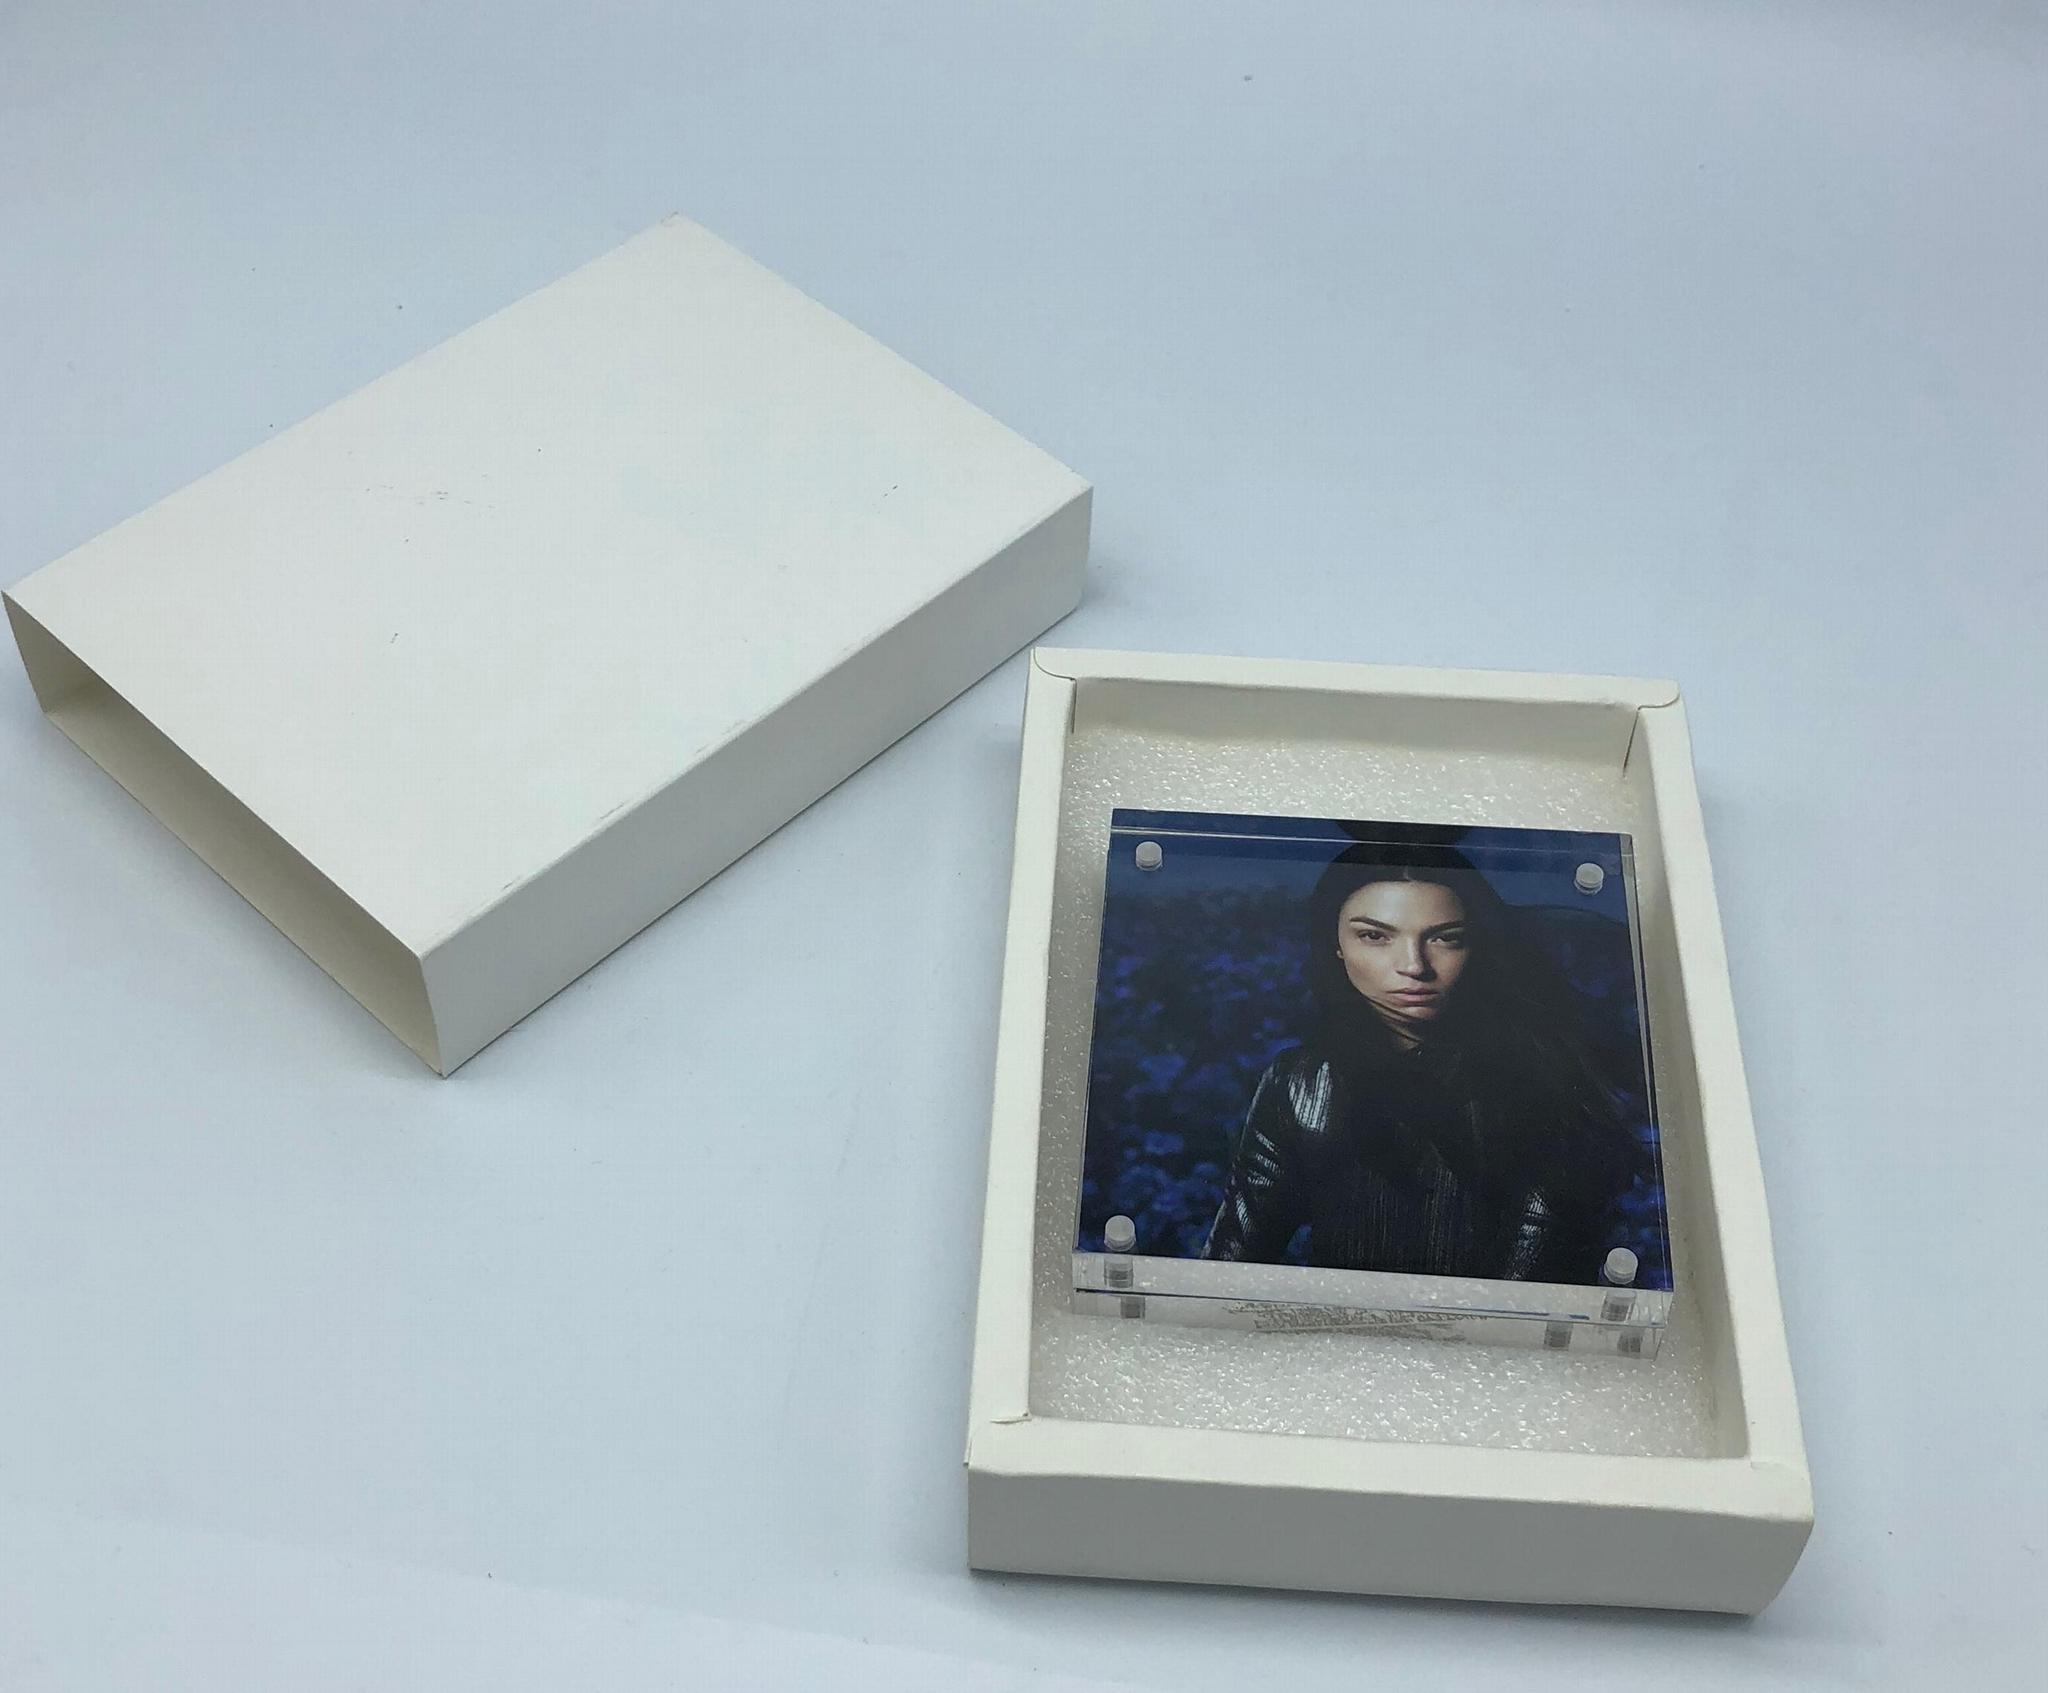 亚加力胶磁石相架10x10cm,,压克力相框,  13